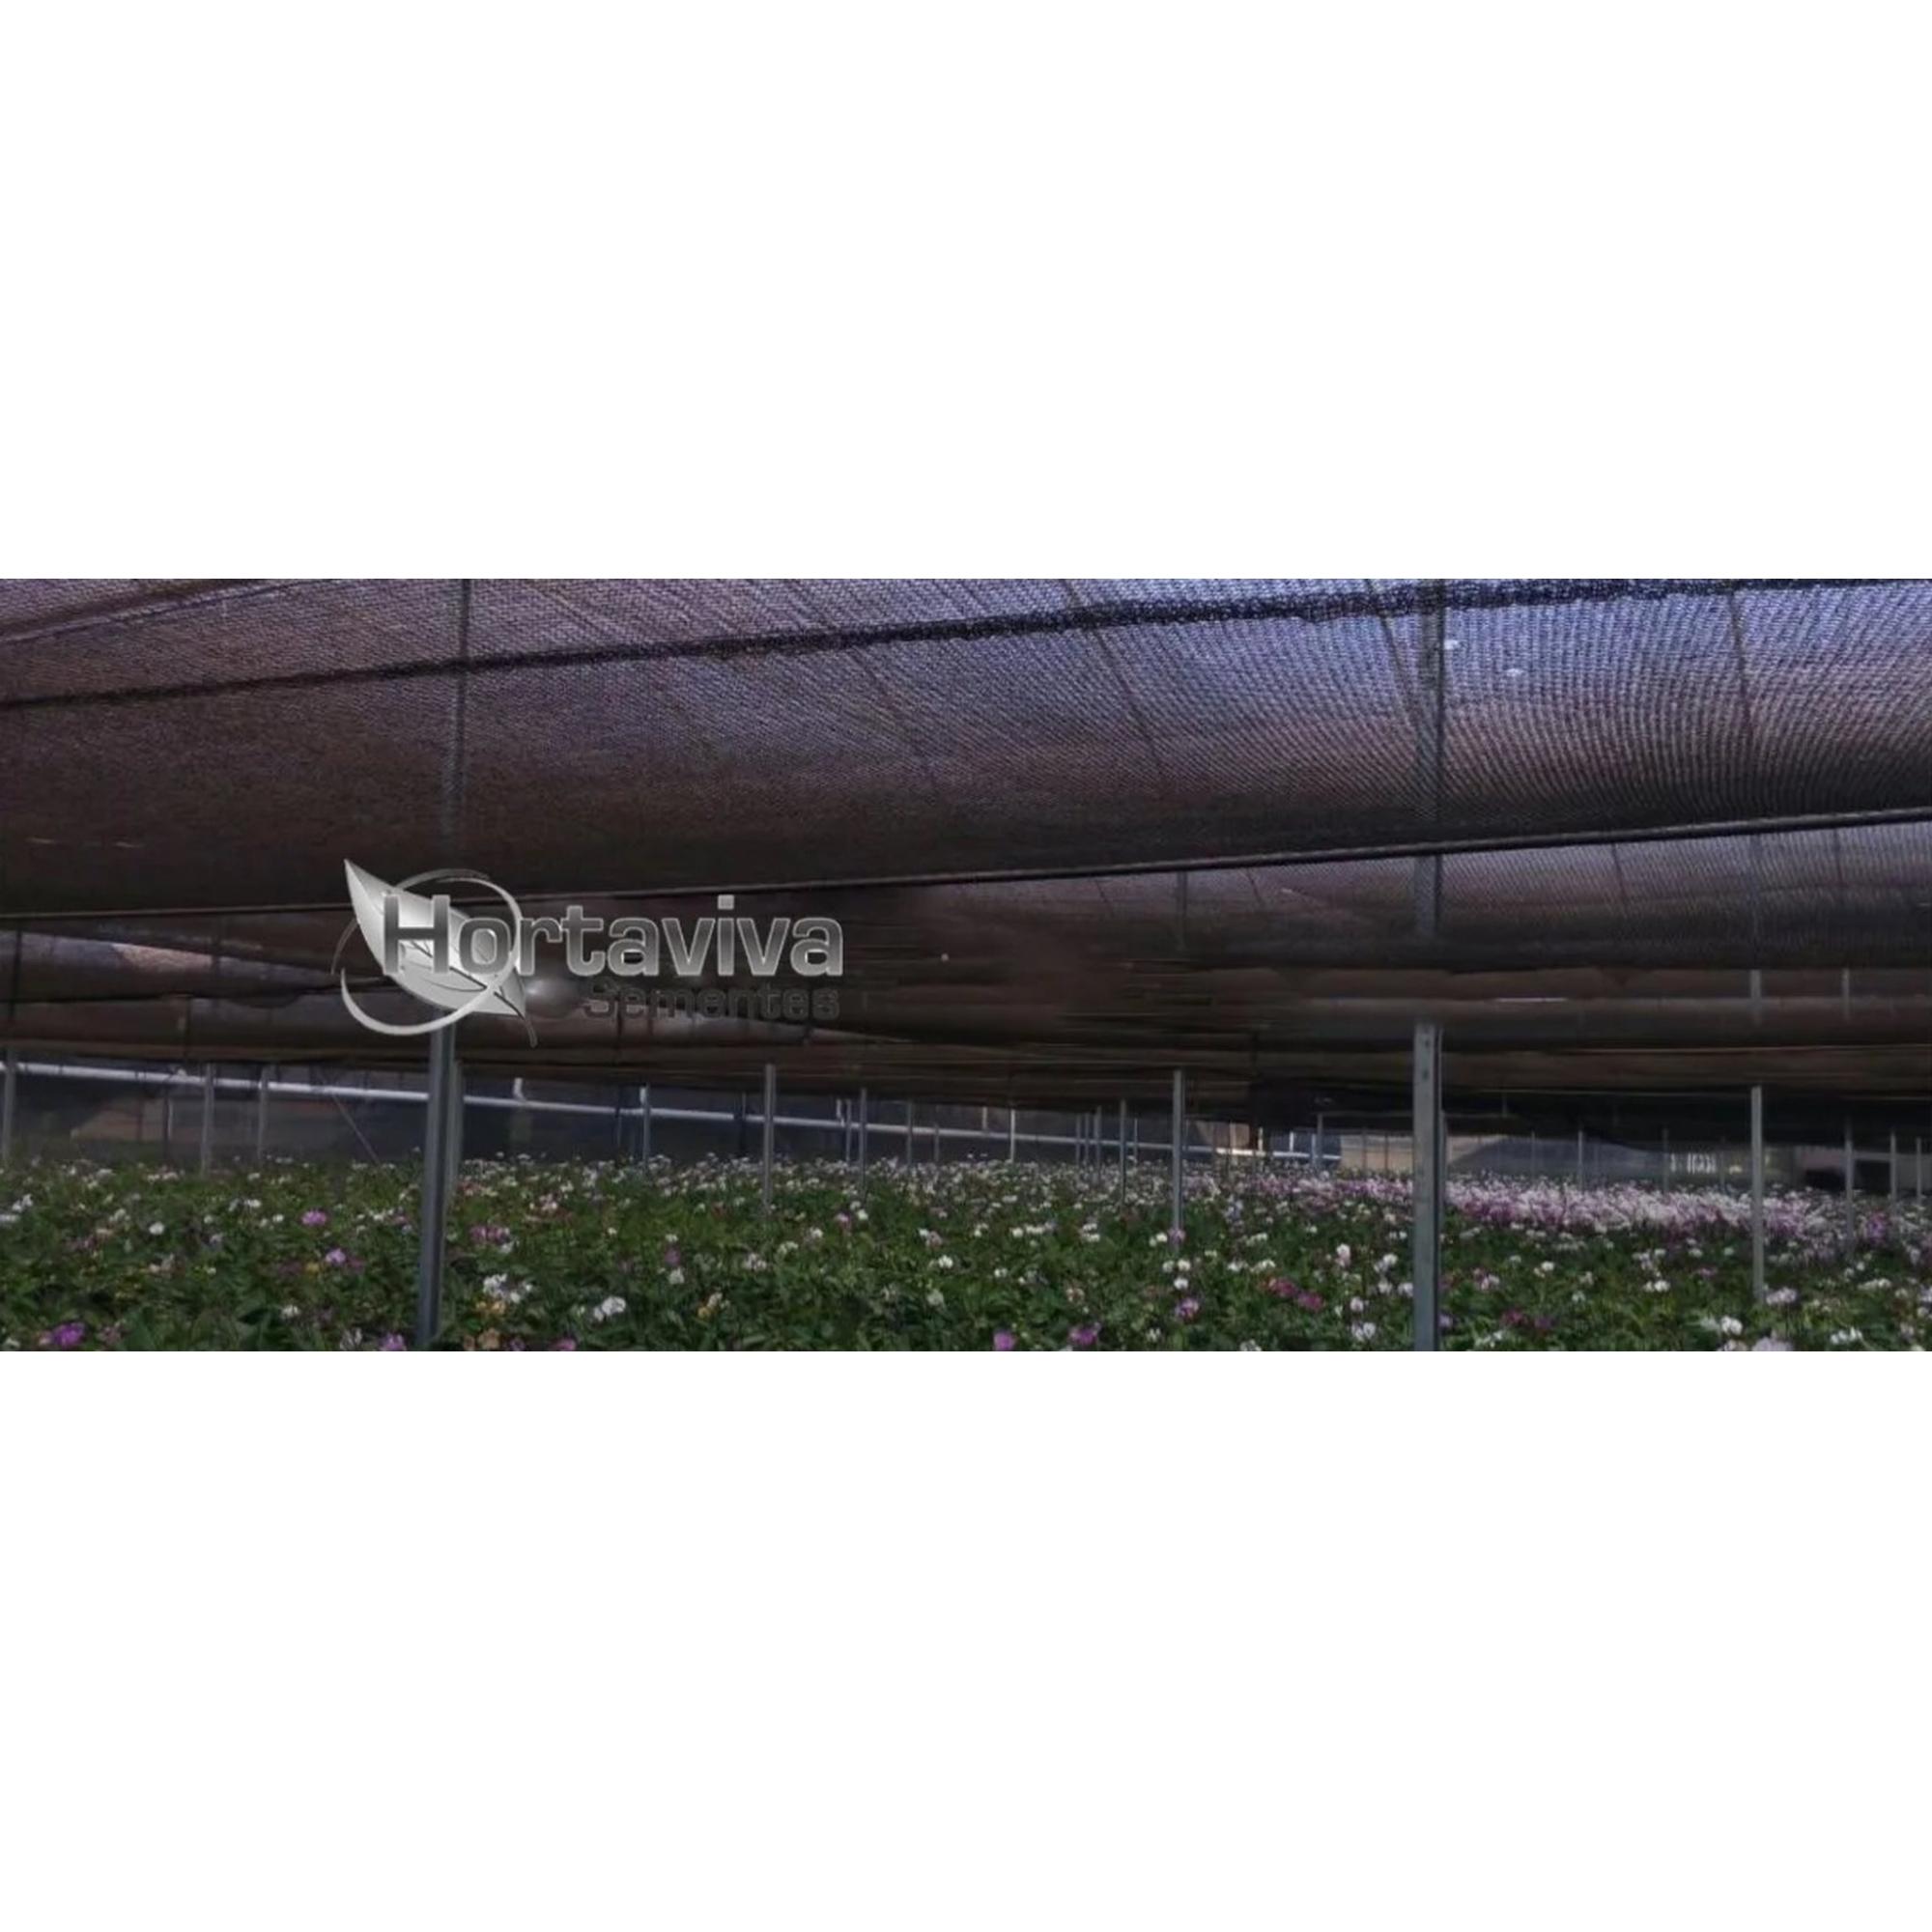 Tela de Sombreamento Preta 50% - 3 Metros x 200 Metros